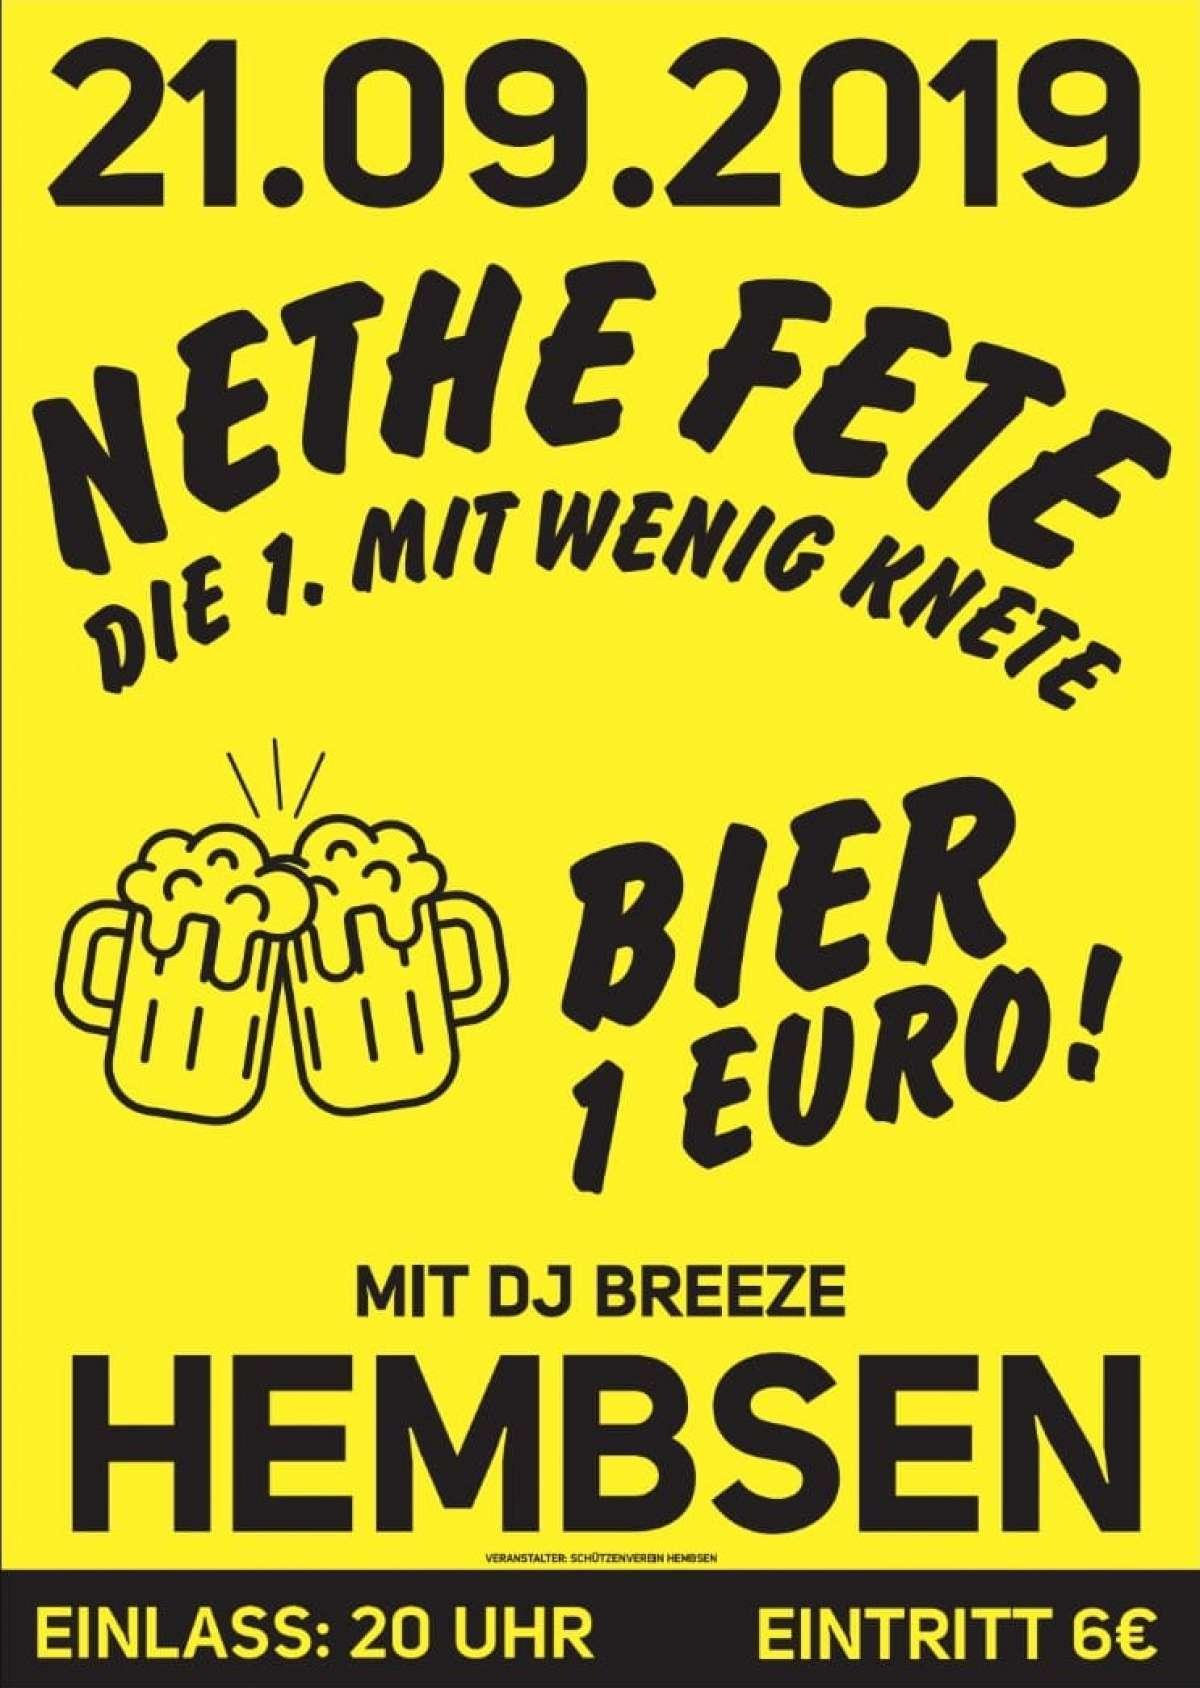 Ww-Terminator: Nethefete - die erste mit wenig Knete!  - DJ Breeze - Dorfgemeinschaftshaus Hembsen - Brakel-Hembsen